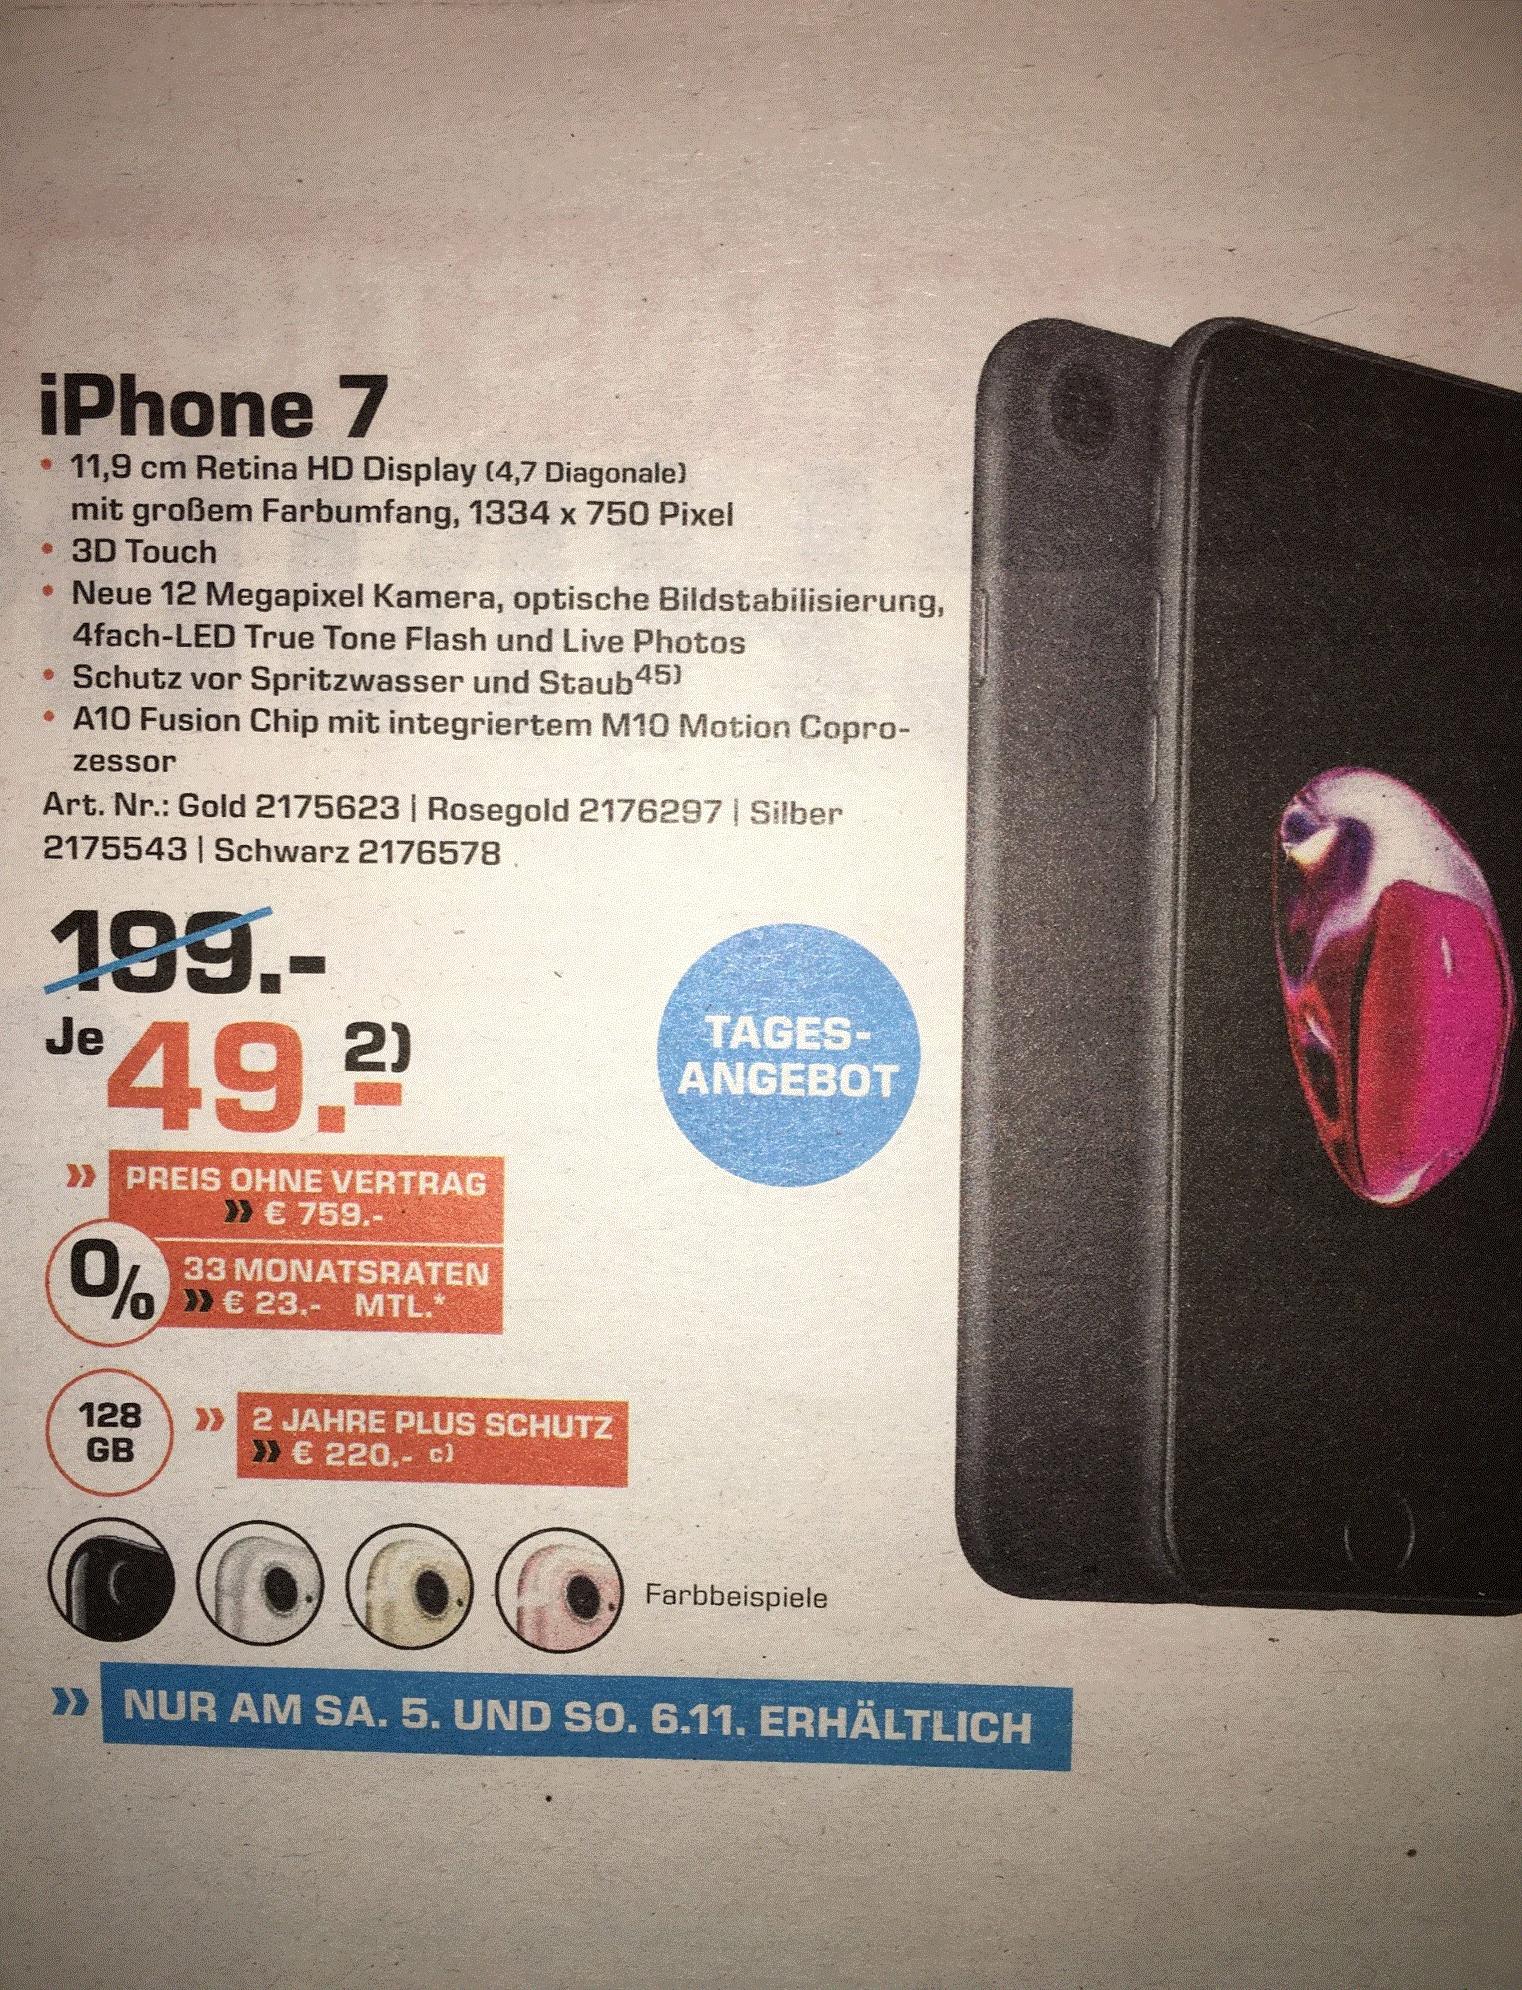 [LOKAL Saturn Ludwigshafen] iPhone 7 128GB für 759 € in allen Farben oder mit Vertrag 49 €